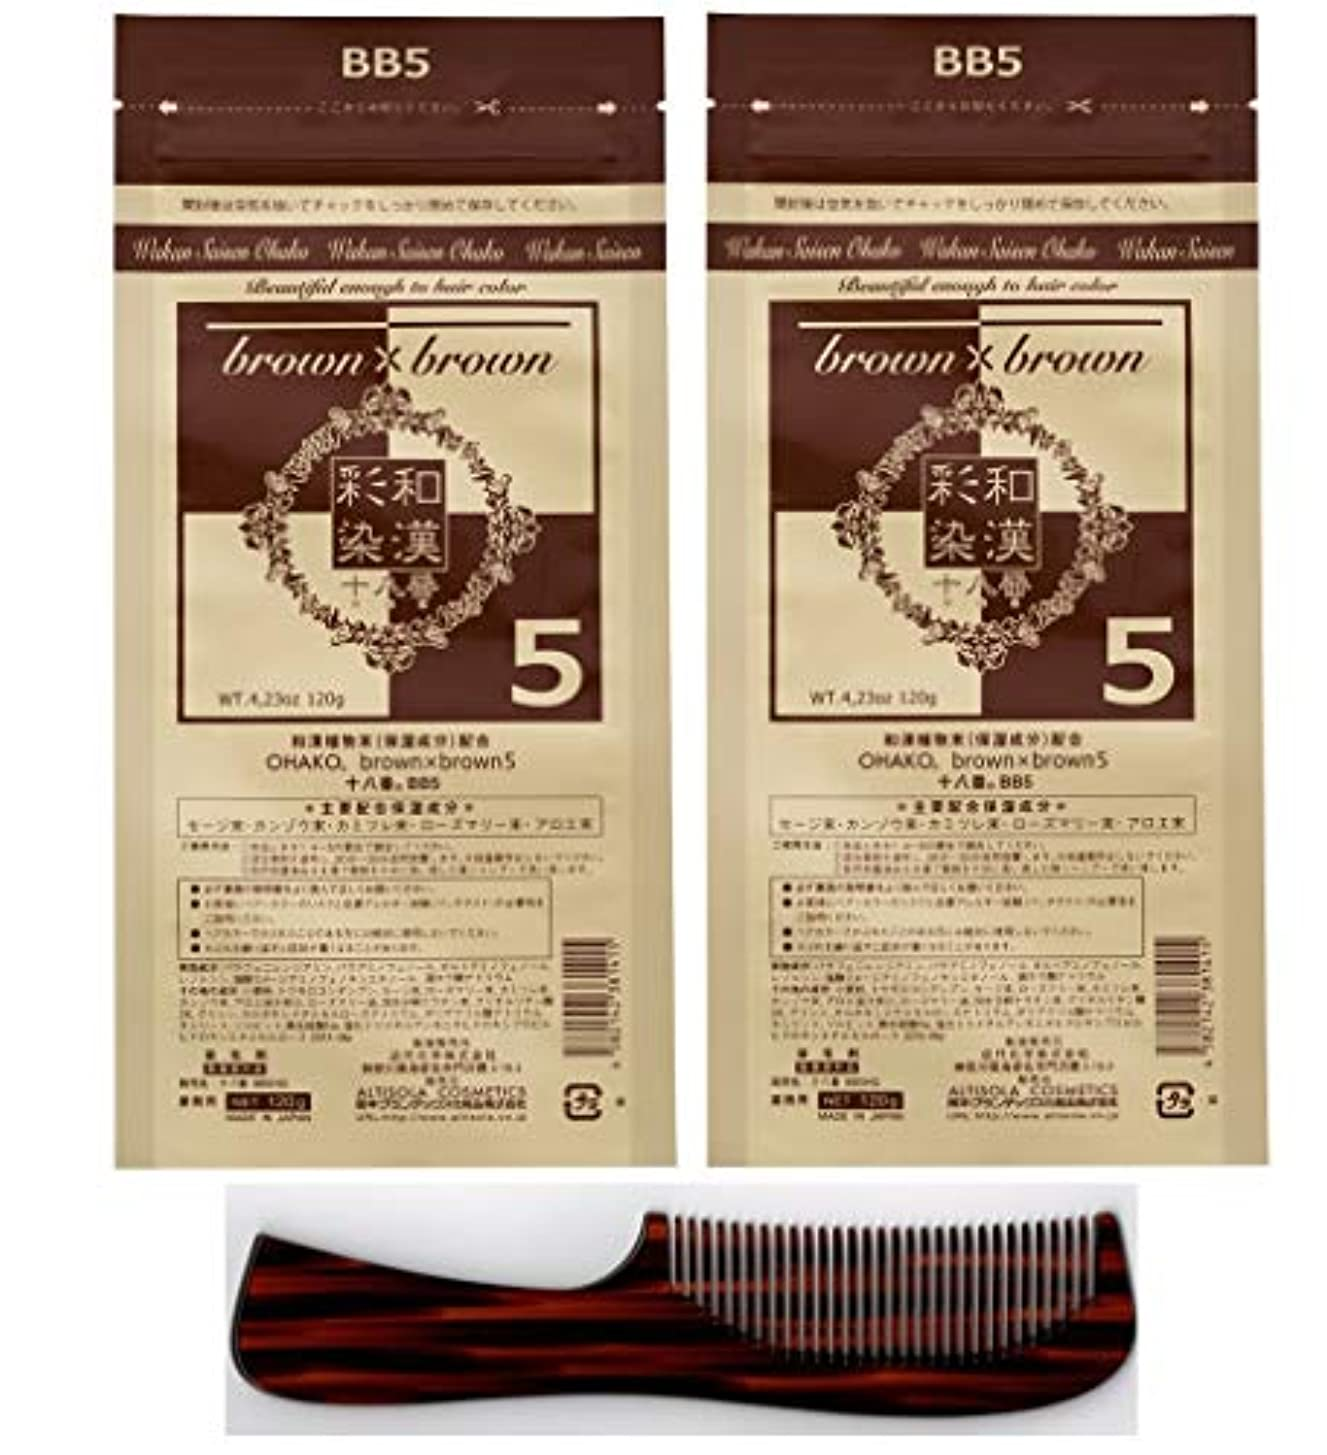 ピービッシュおびえた壮大な【2個セット+クシ付き】グランデックス 和漢彩染 十八番 120g BB5【2個+クシ付きセット】